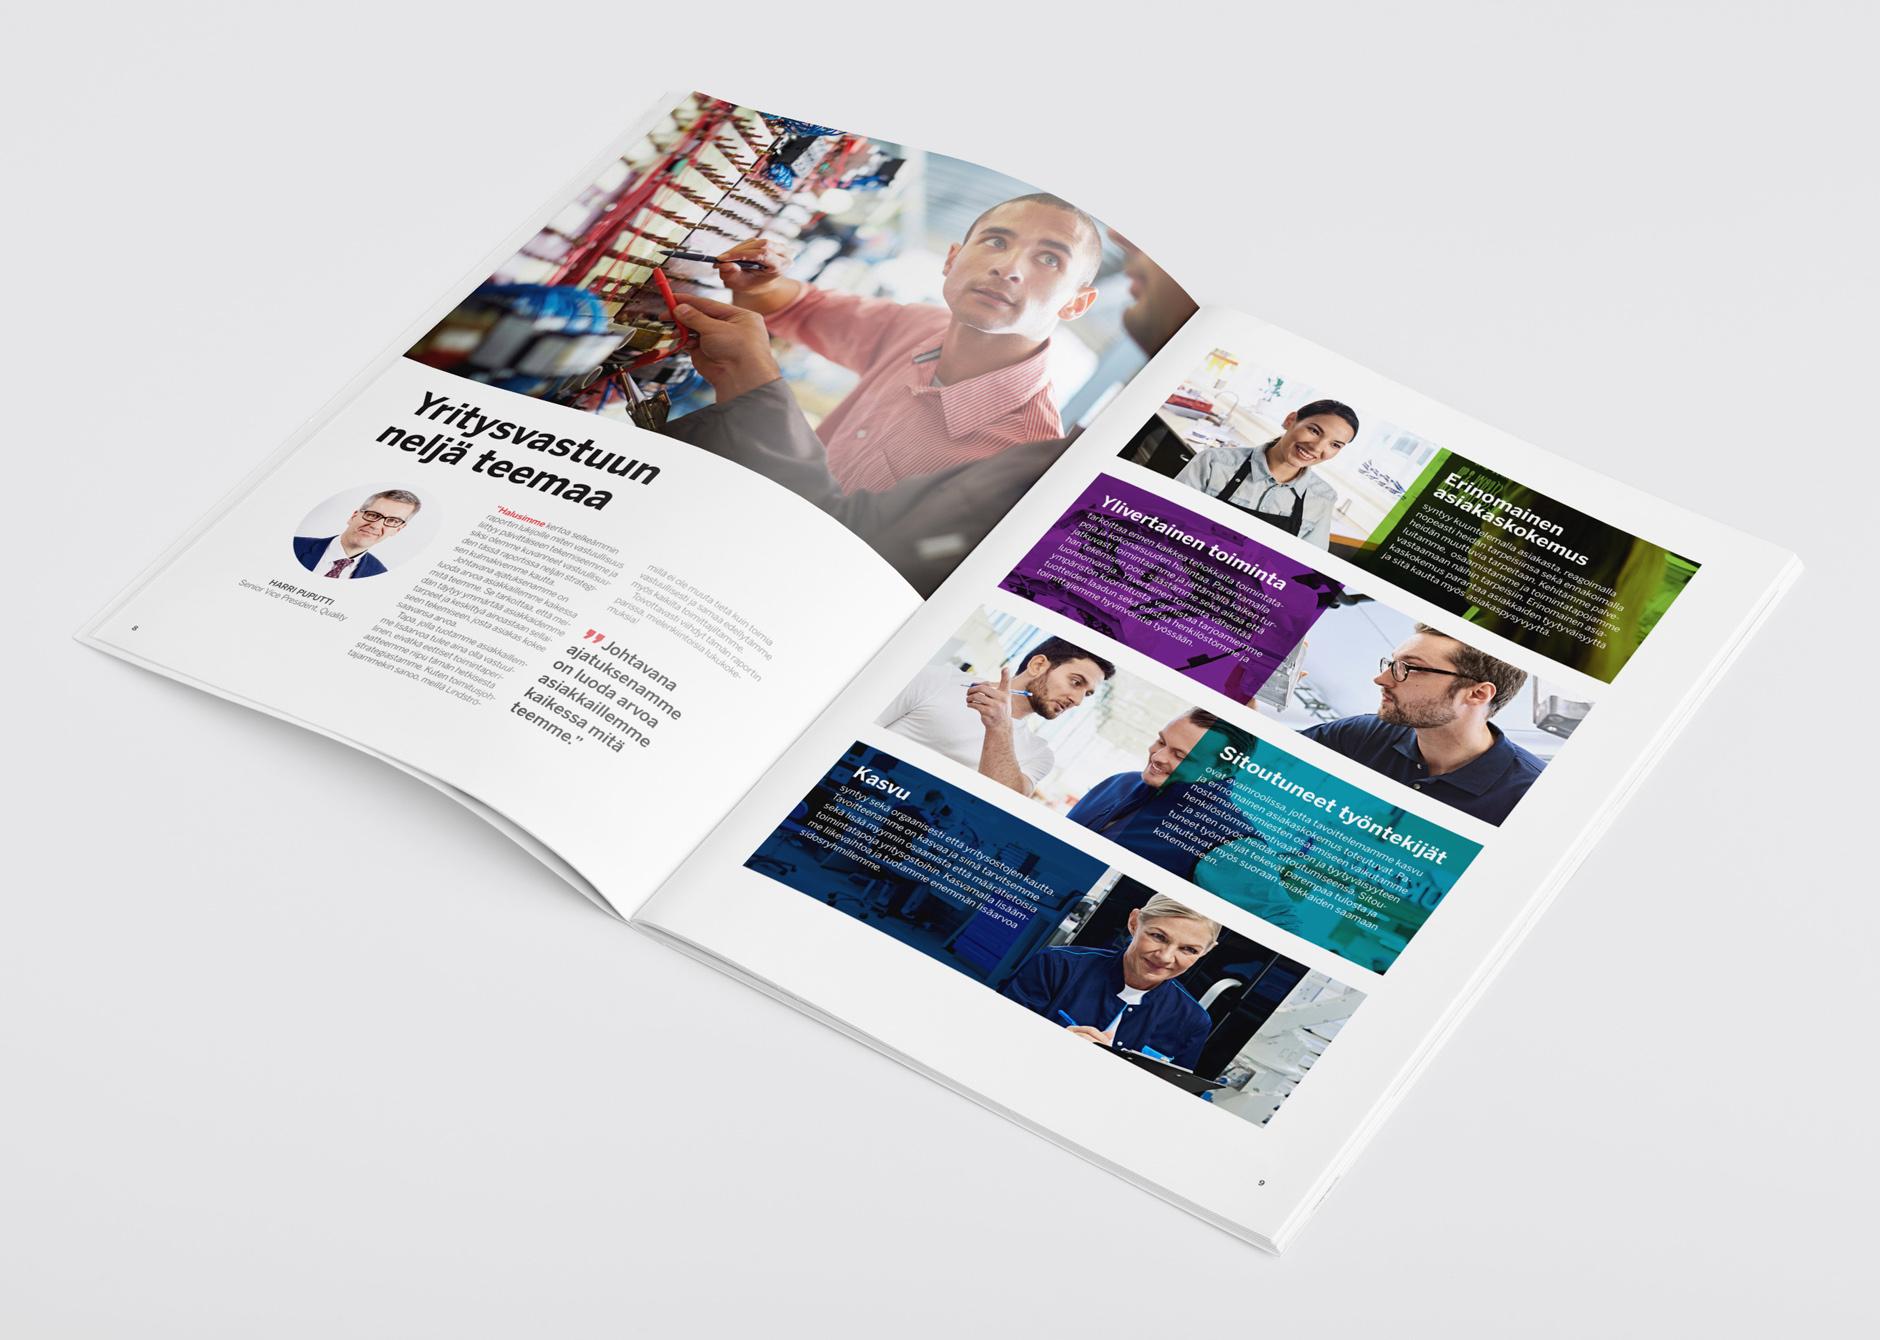 Lindström: Vastuullisuus raportti 2016